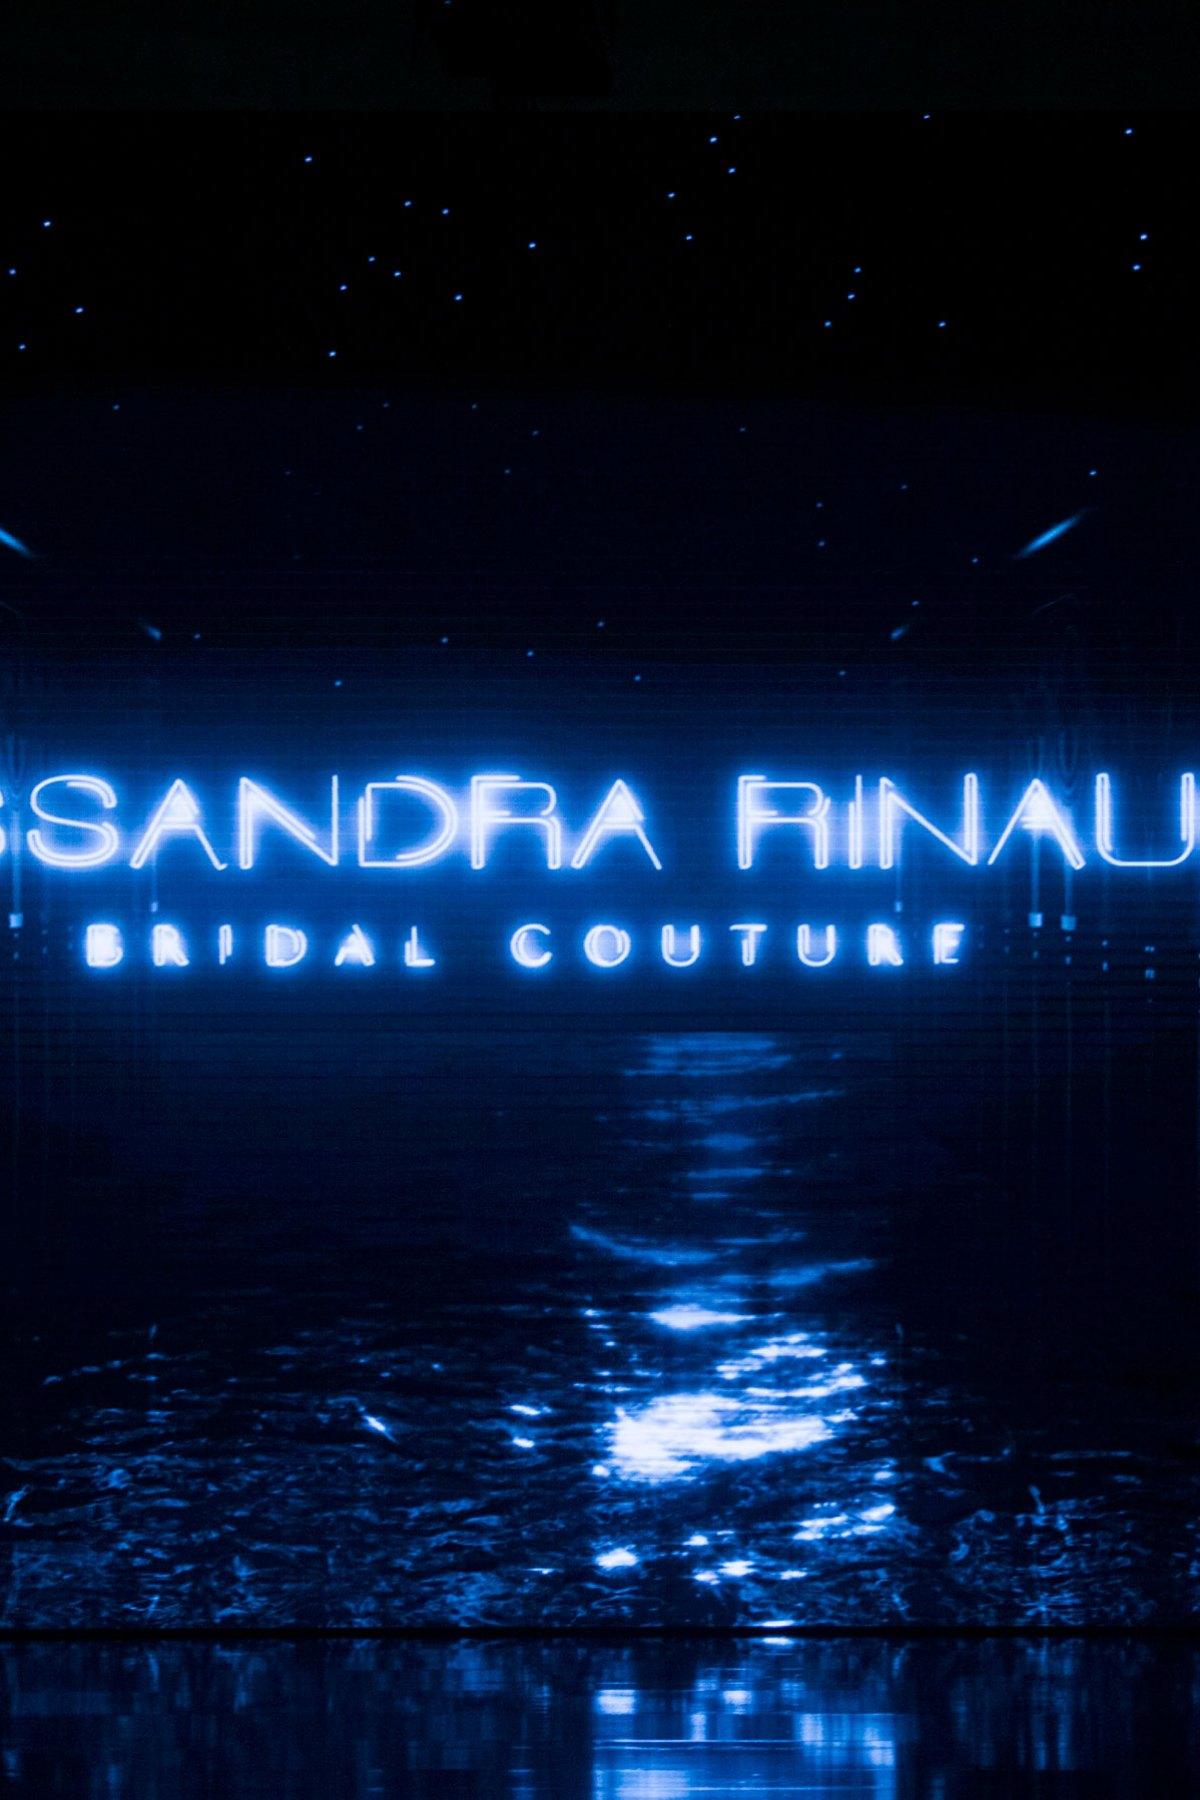 Alessandra Rinaudo brd RS17 1235